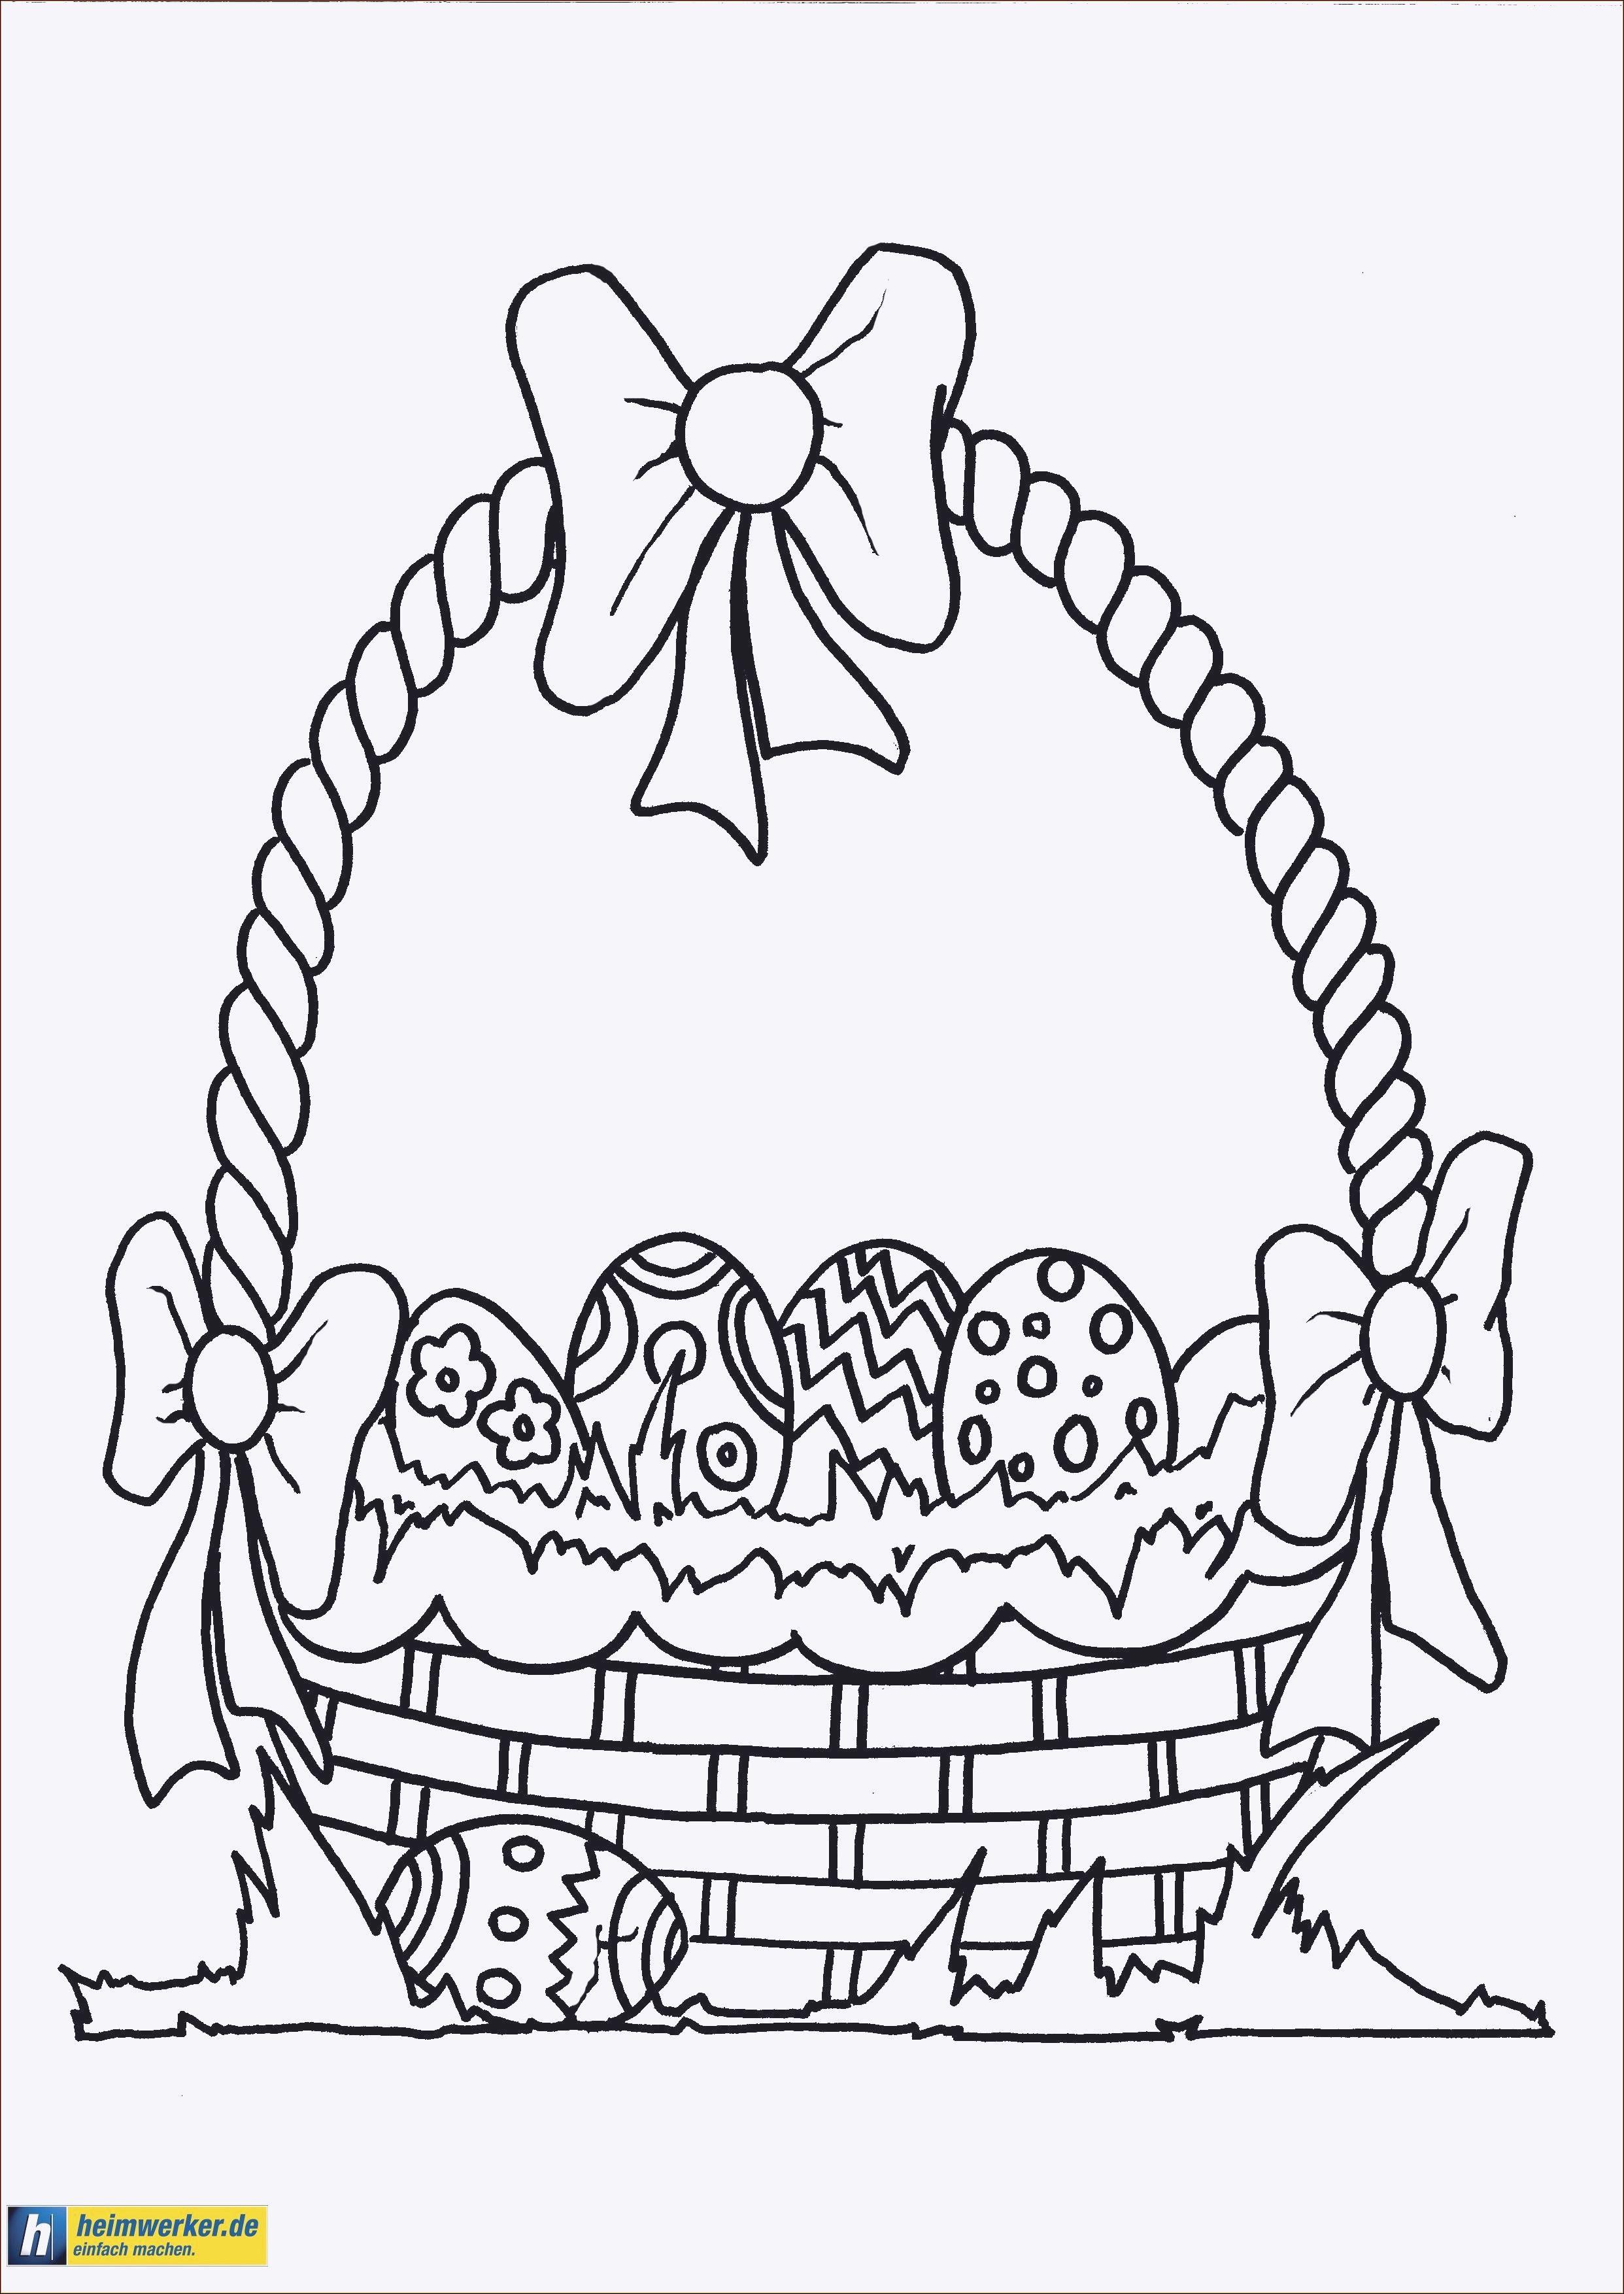 Ausmalbilder Ostereier Kostenlos Genial Ausmalbilder Ostern Kostenlos Ausdrucken Stock